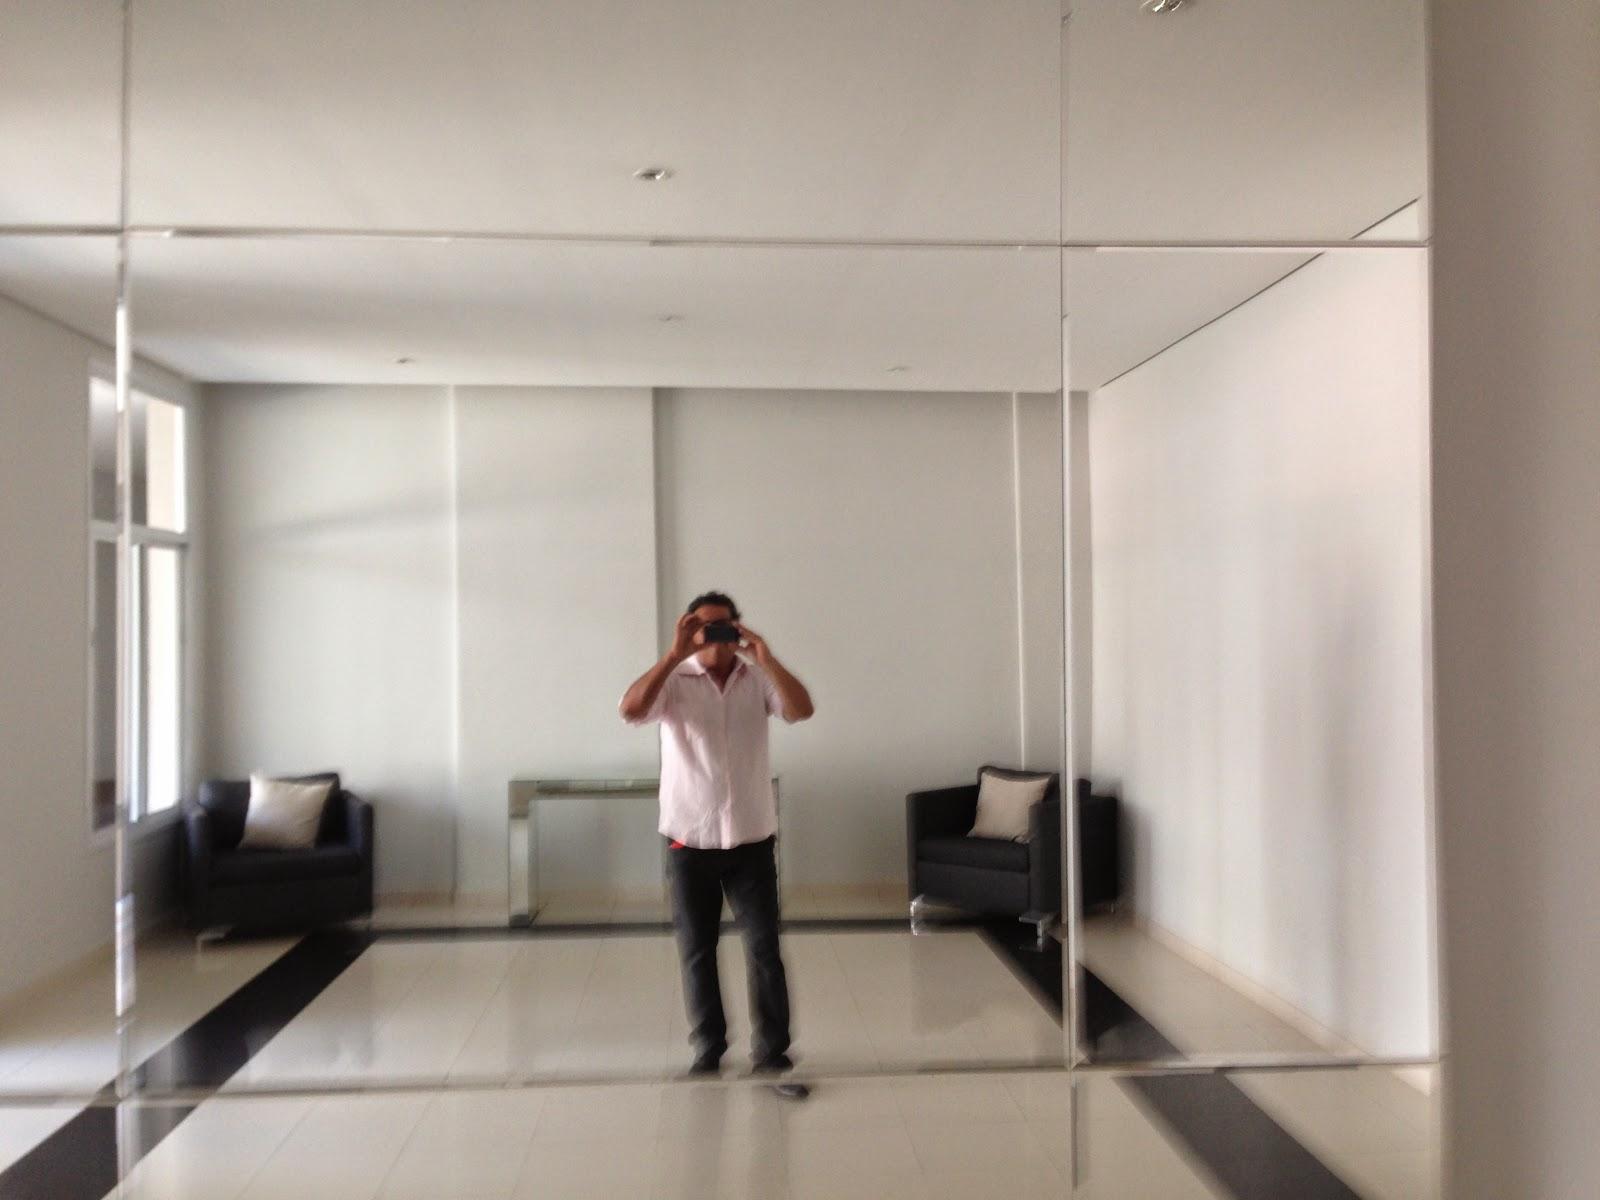 Espelho Para Salo Aparador E Espelho Na Sala With Espelho Para Salo  -> Sala De Jantar Com Espelho E Aparador